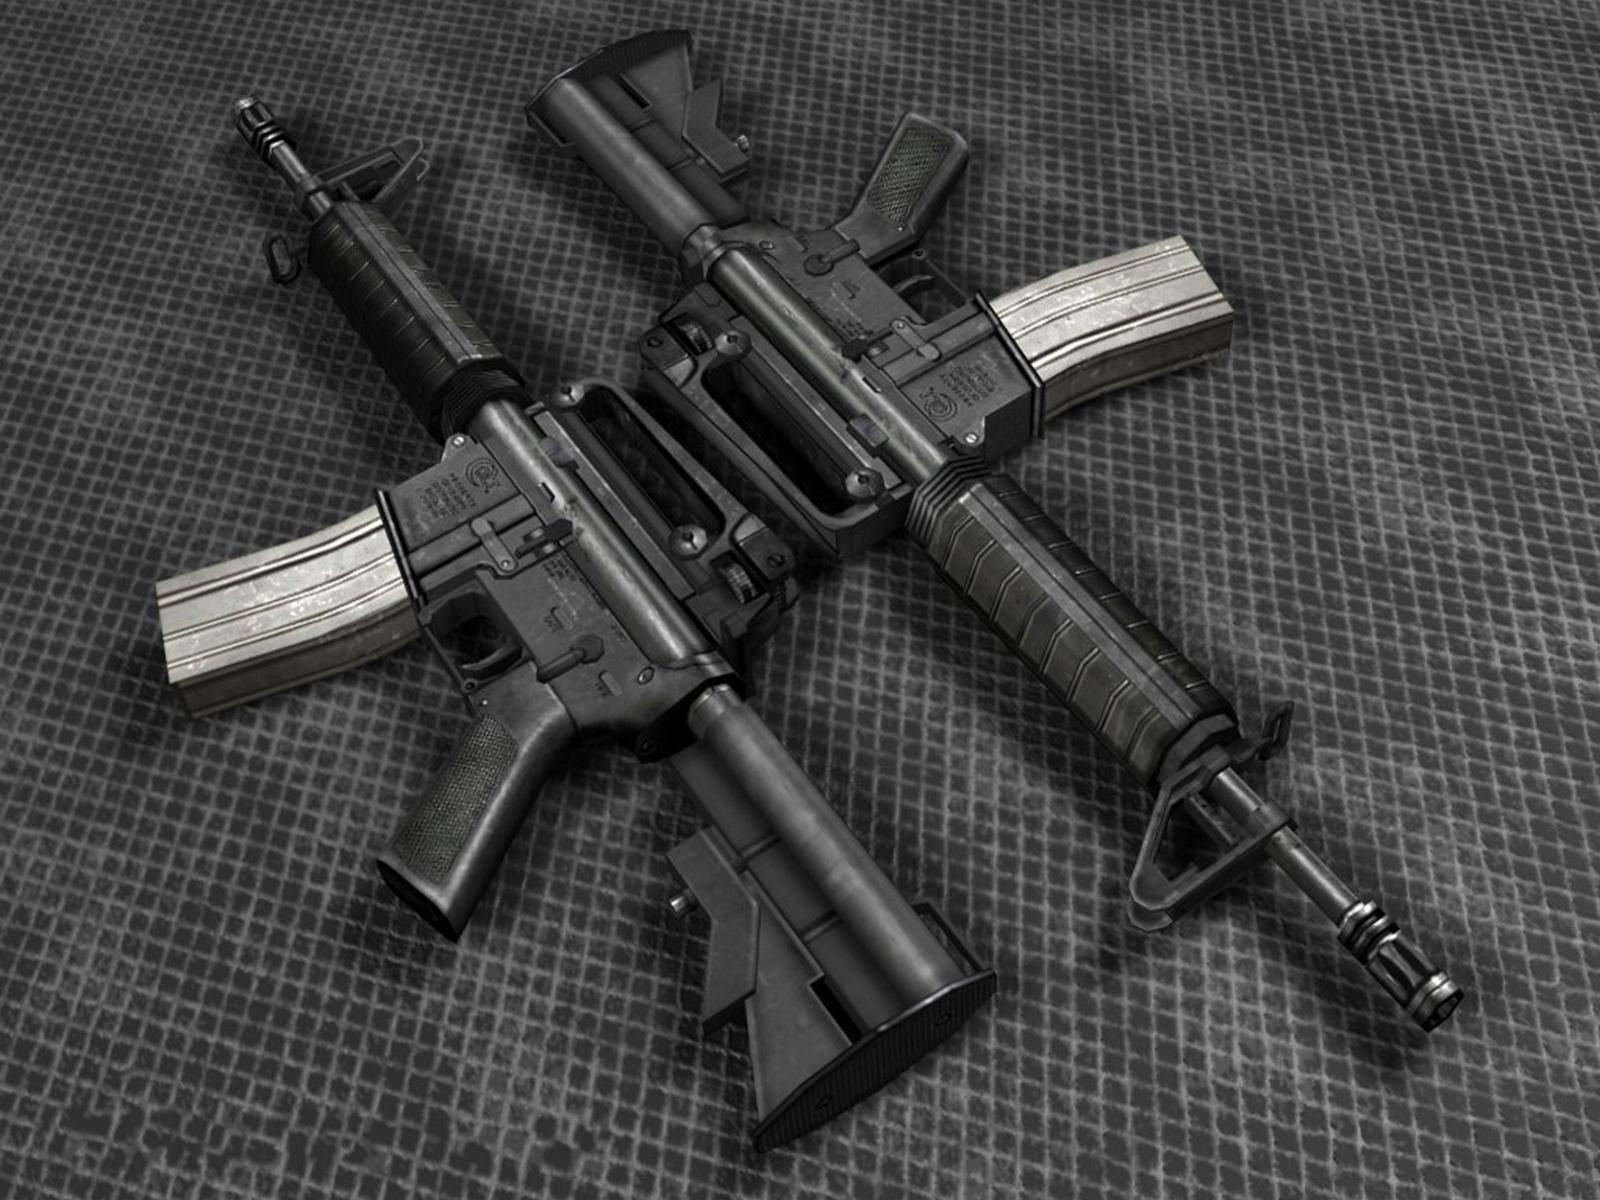 http://4.bp.blogspot.com/-jzDinD9s5uI/ULUTy3O8k3I/AAAAAAAAFPU/qeiYIiXV0Nk/s1600/Fondo+de+pantalla+de+dos+rifles+de+asalto+negros+M4.jpg